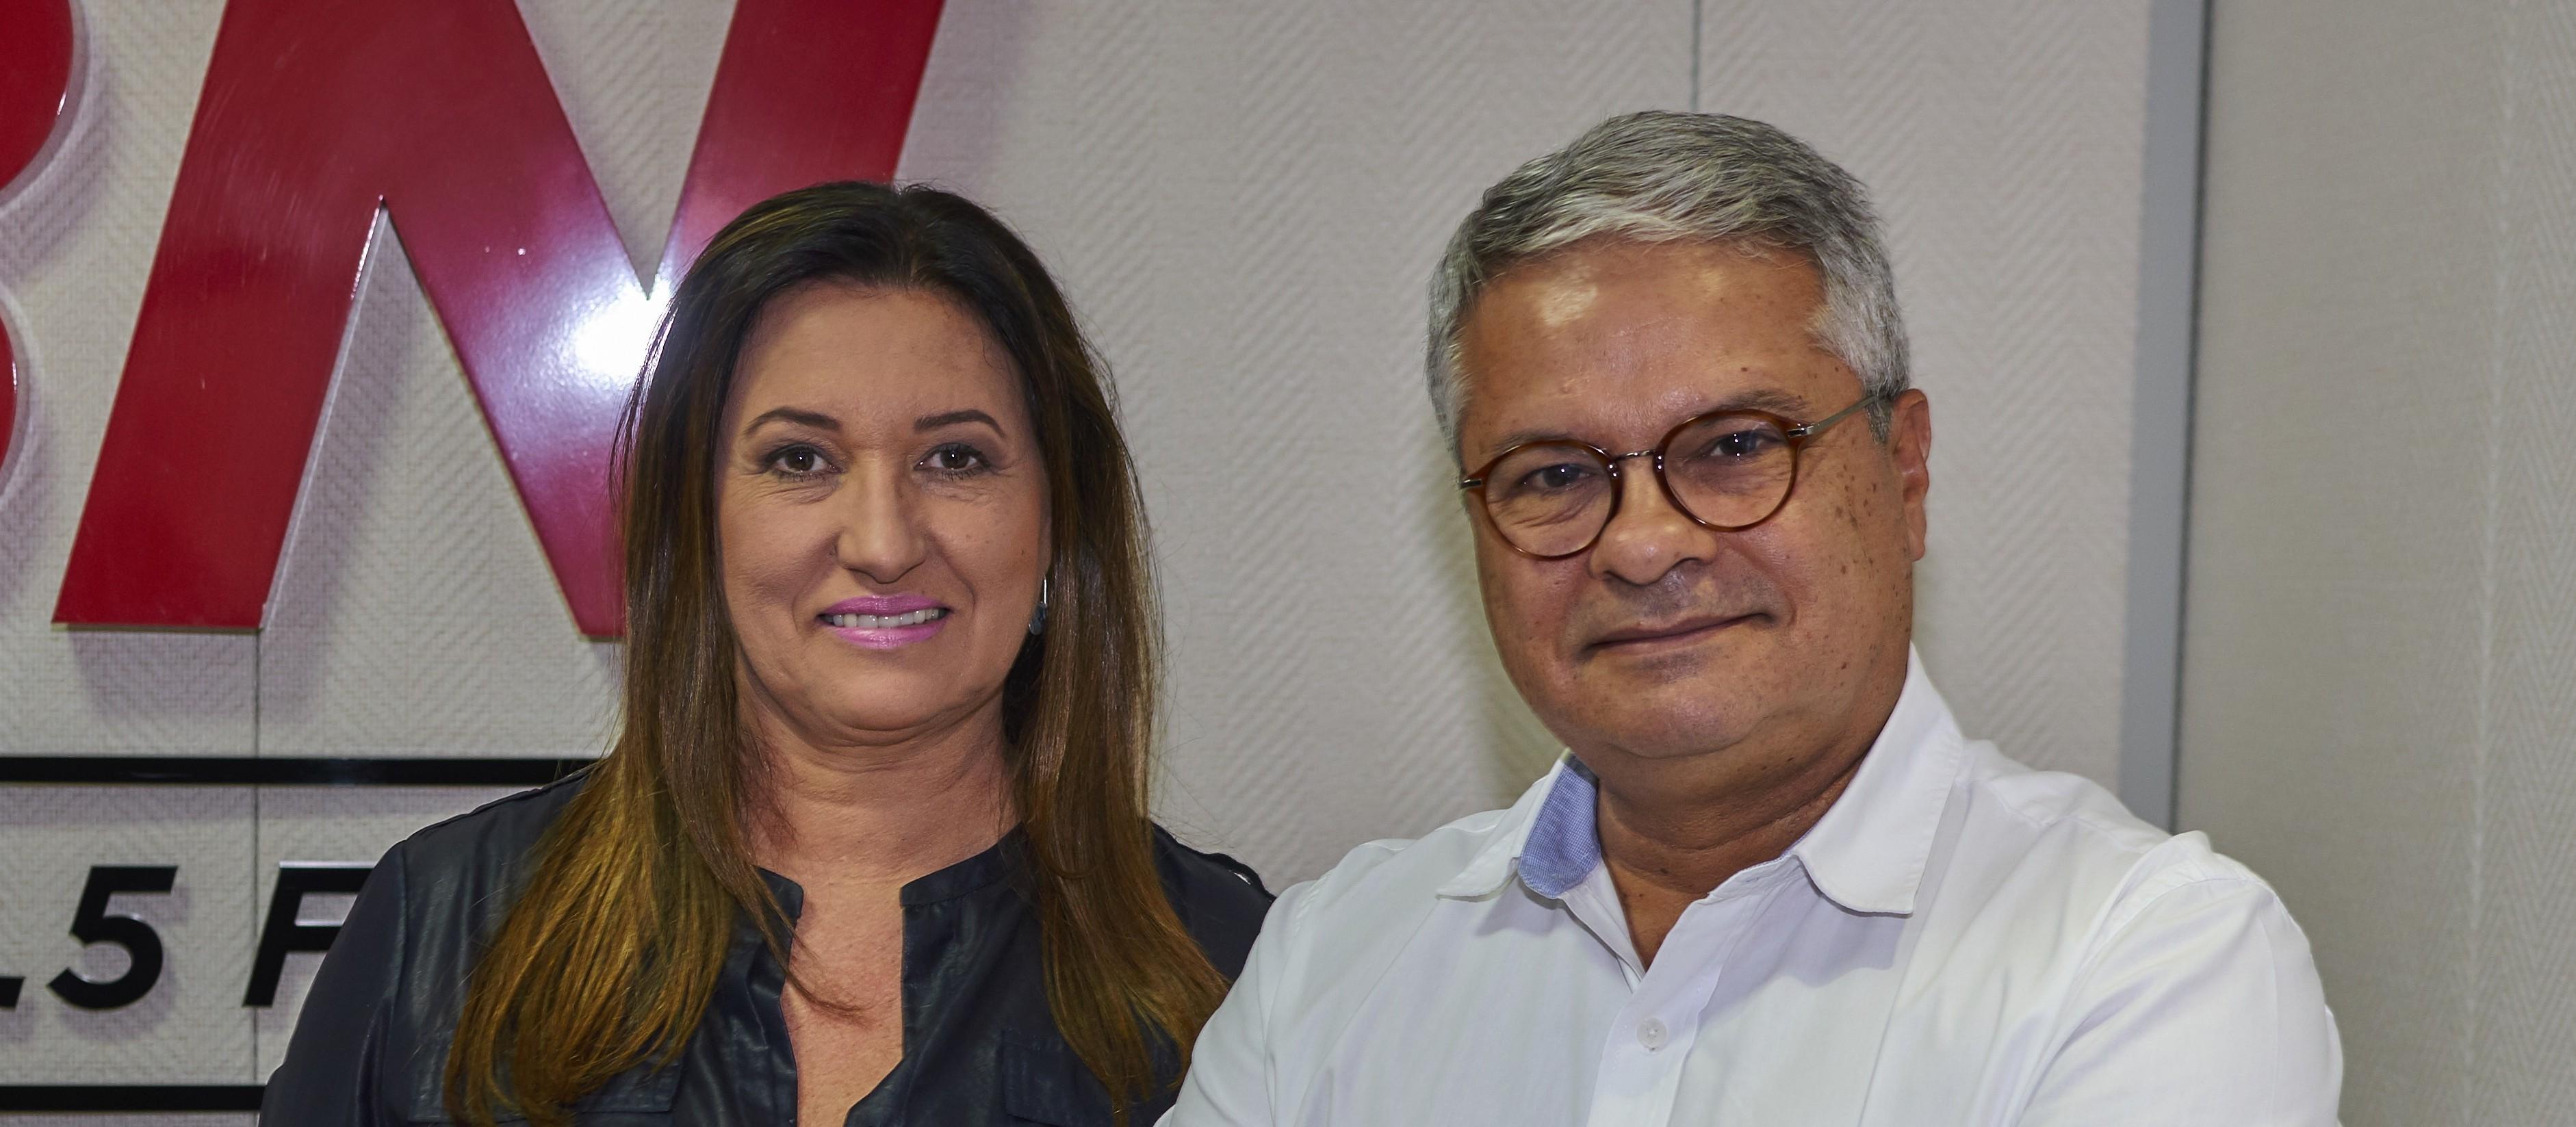 Governador do PR recebe manifesto assinado por instituições ligadas ao agronegócio